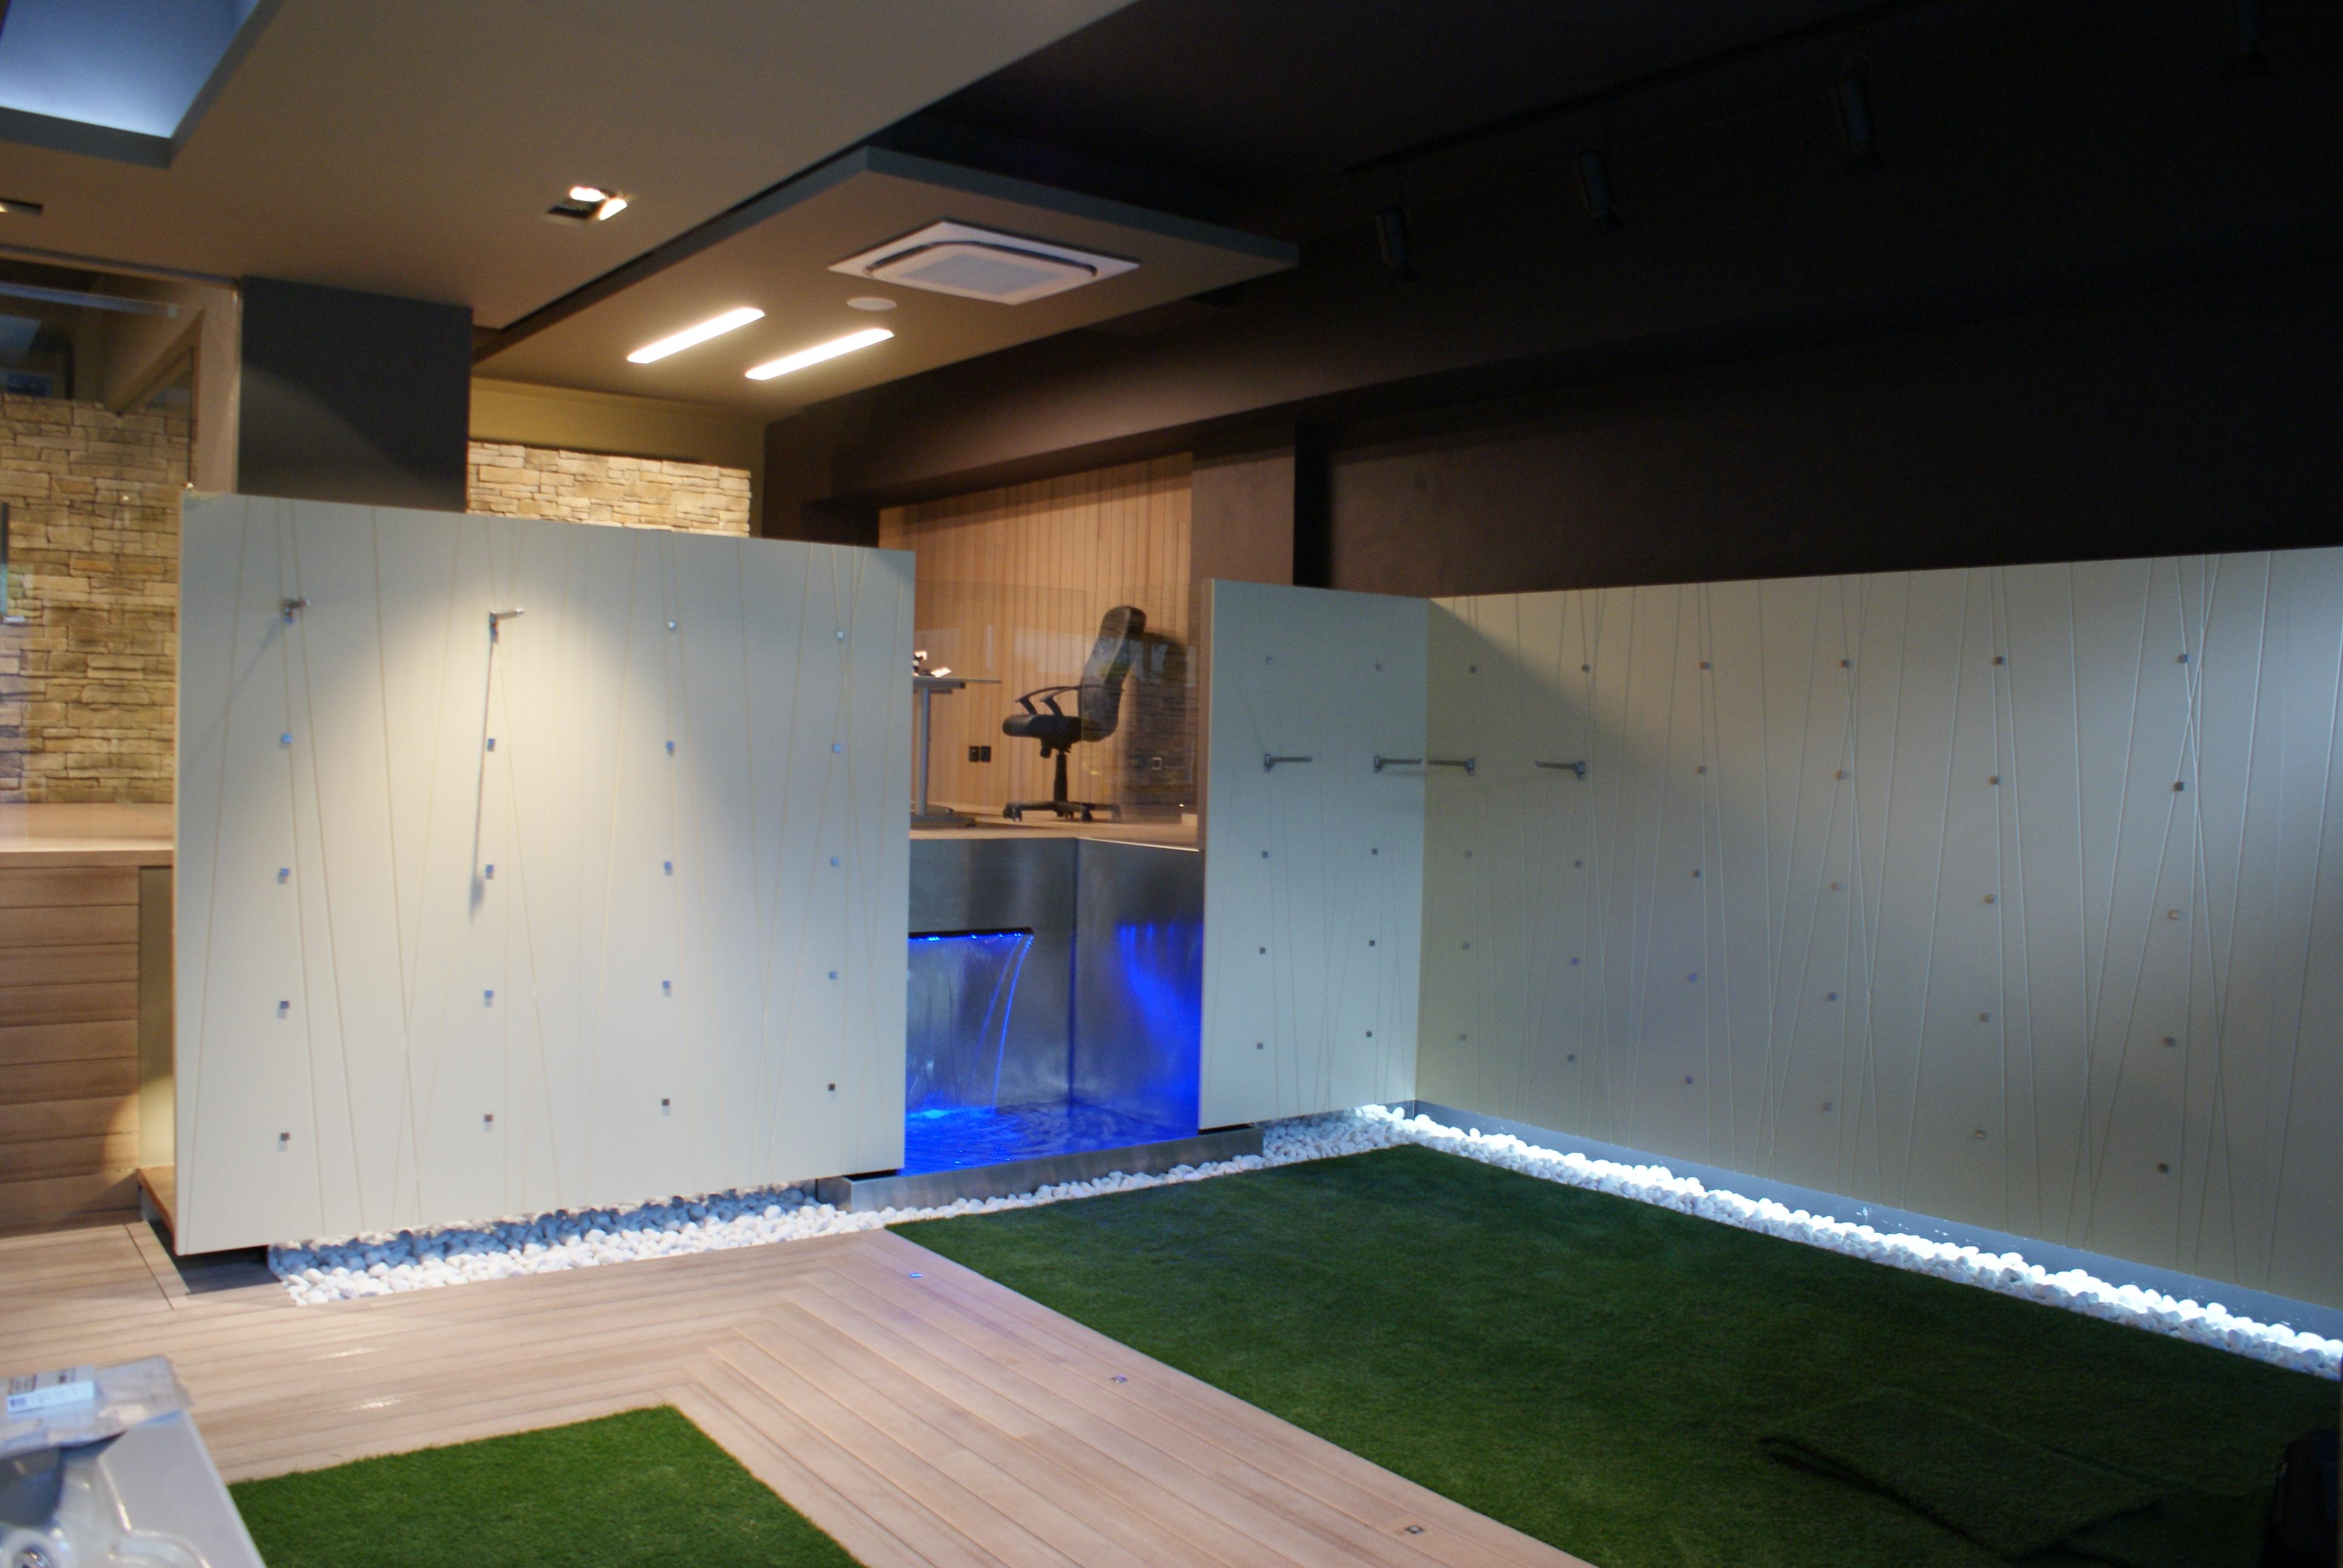 Negozio borgo blu piscine architetto paolo spillantini for Interior design 06877